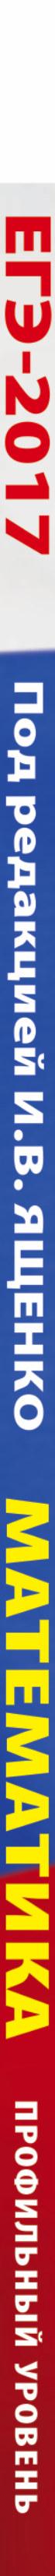 ЕГЭ-2017. Математика. 30 тренировочных вариантов экзаменационных работ для подготовки к единому государственному экзамену. Профильный уровень